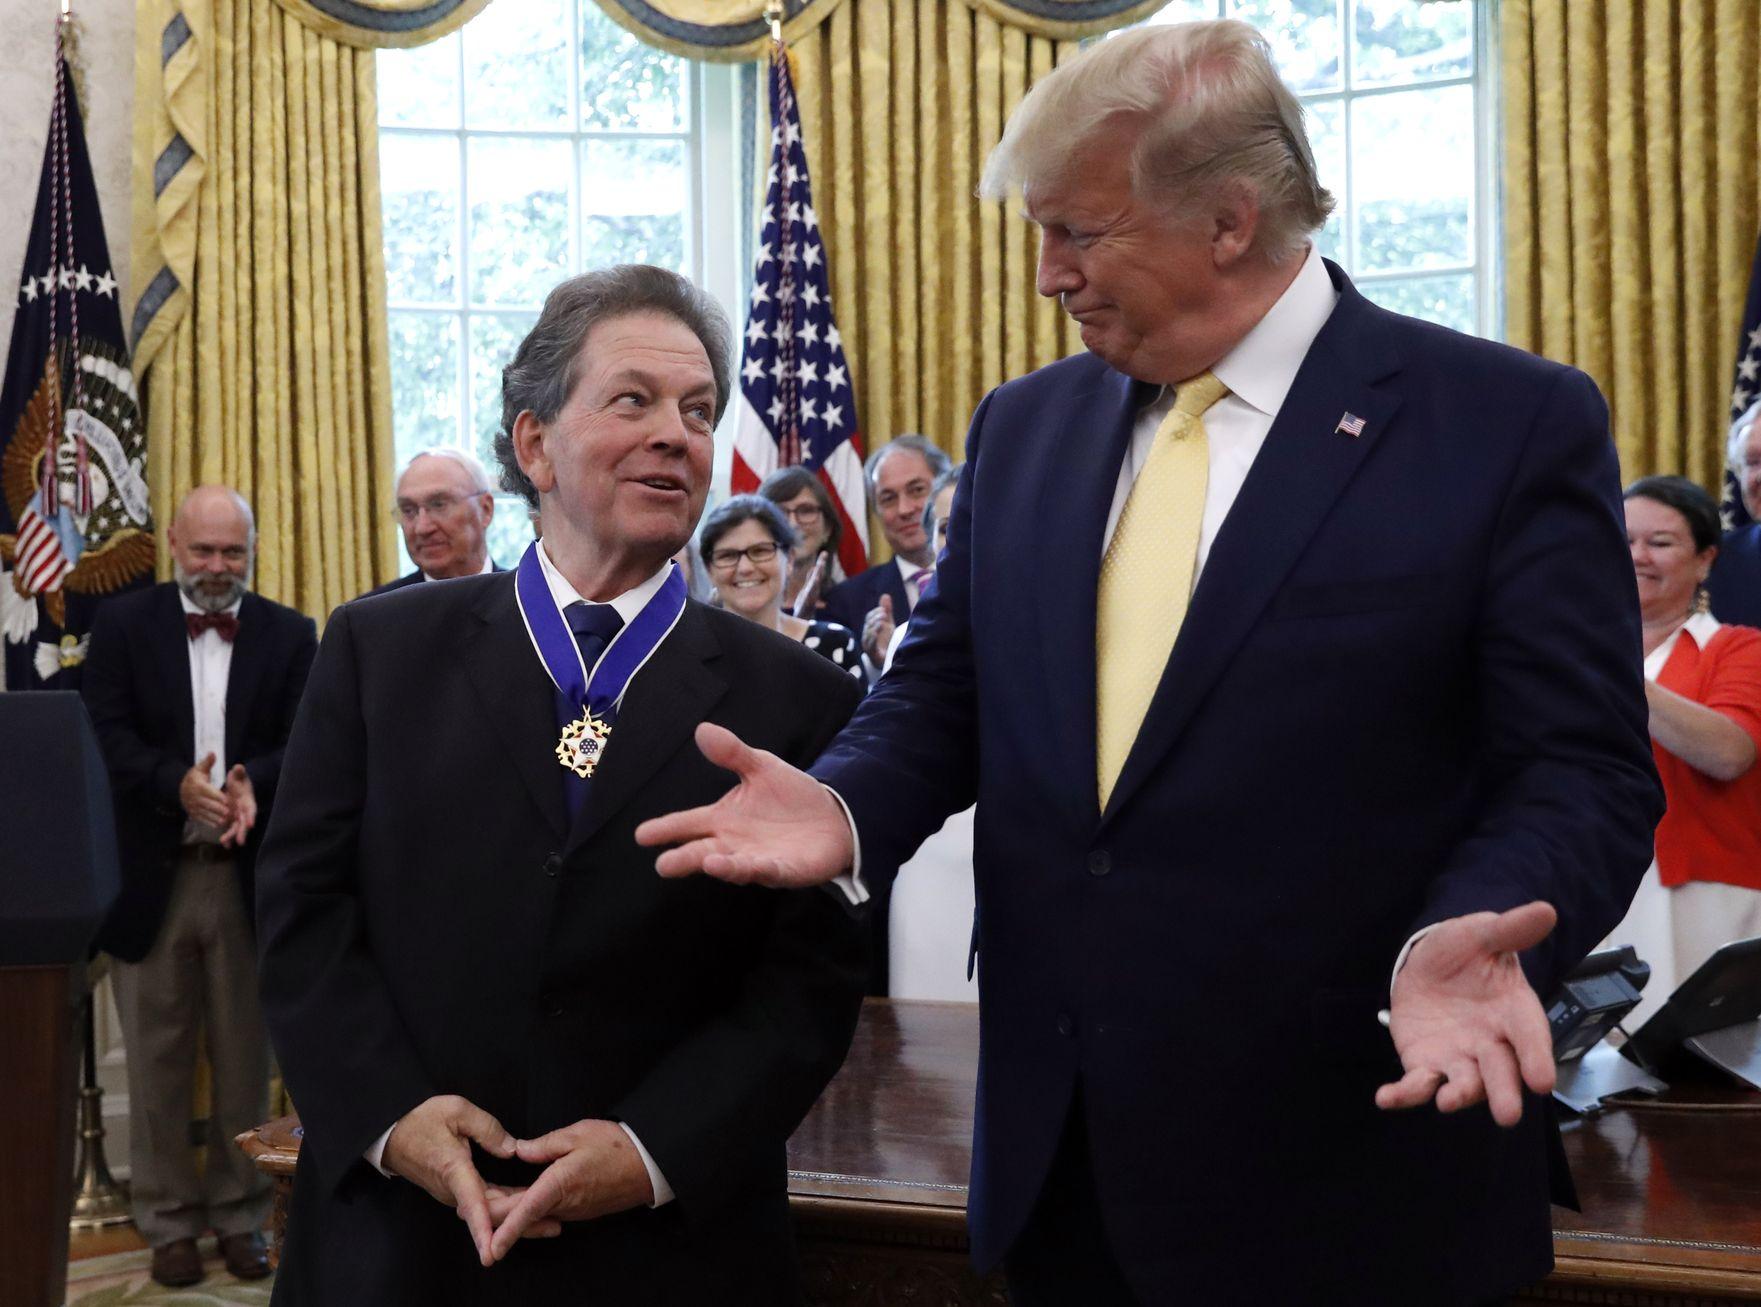 特朗普颁授总统自由勋章给着名经济学家拉弗。